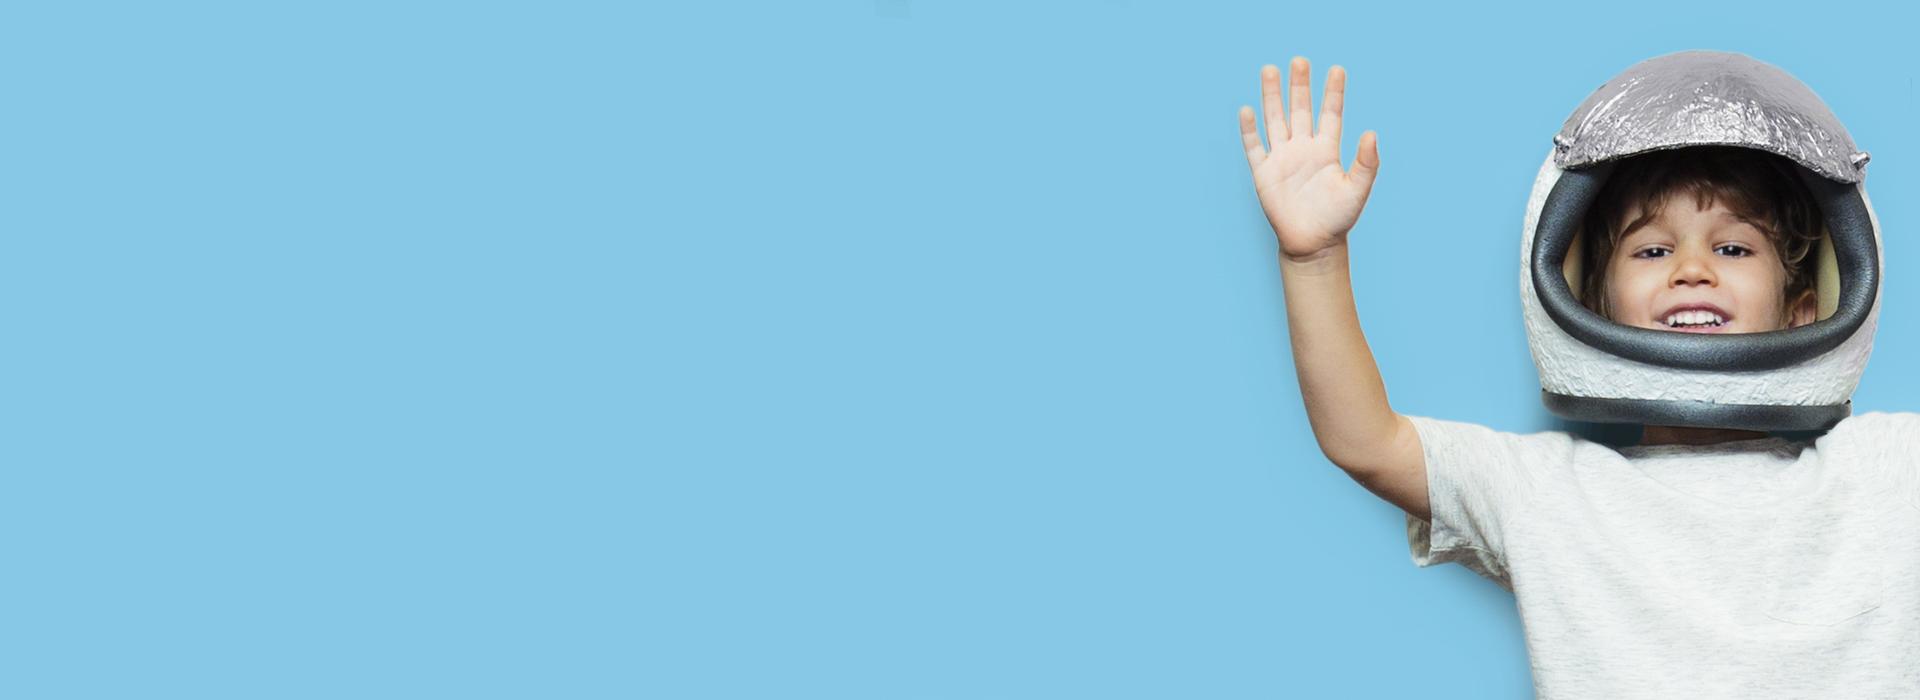 Jongen met ruimtehelm zwaait met zijn hand